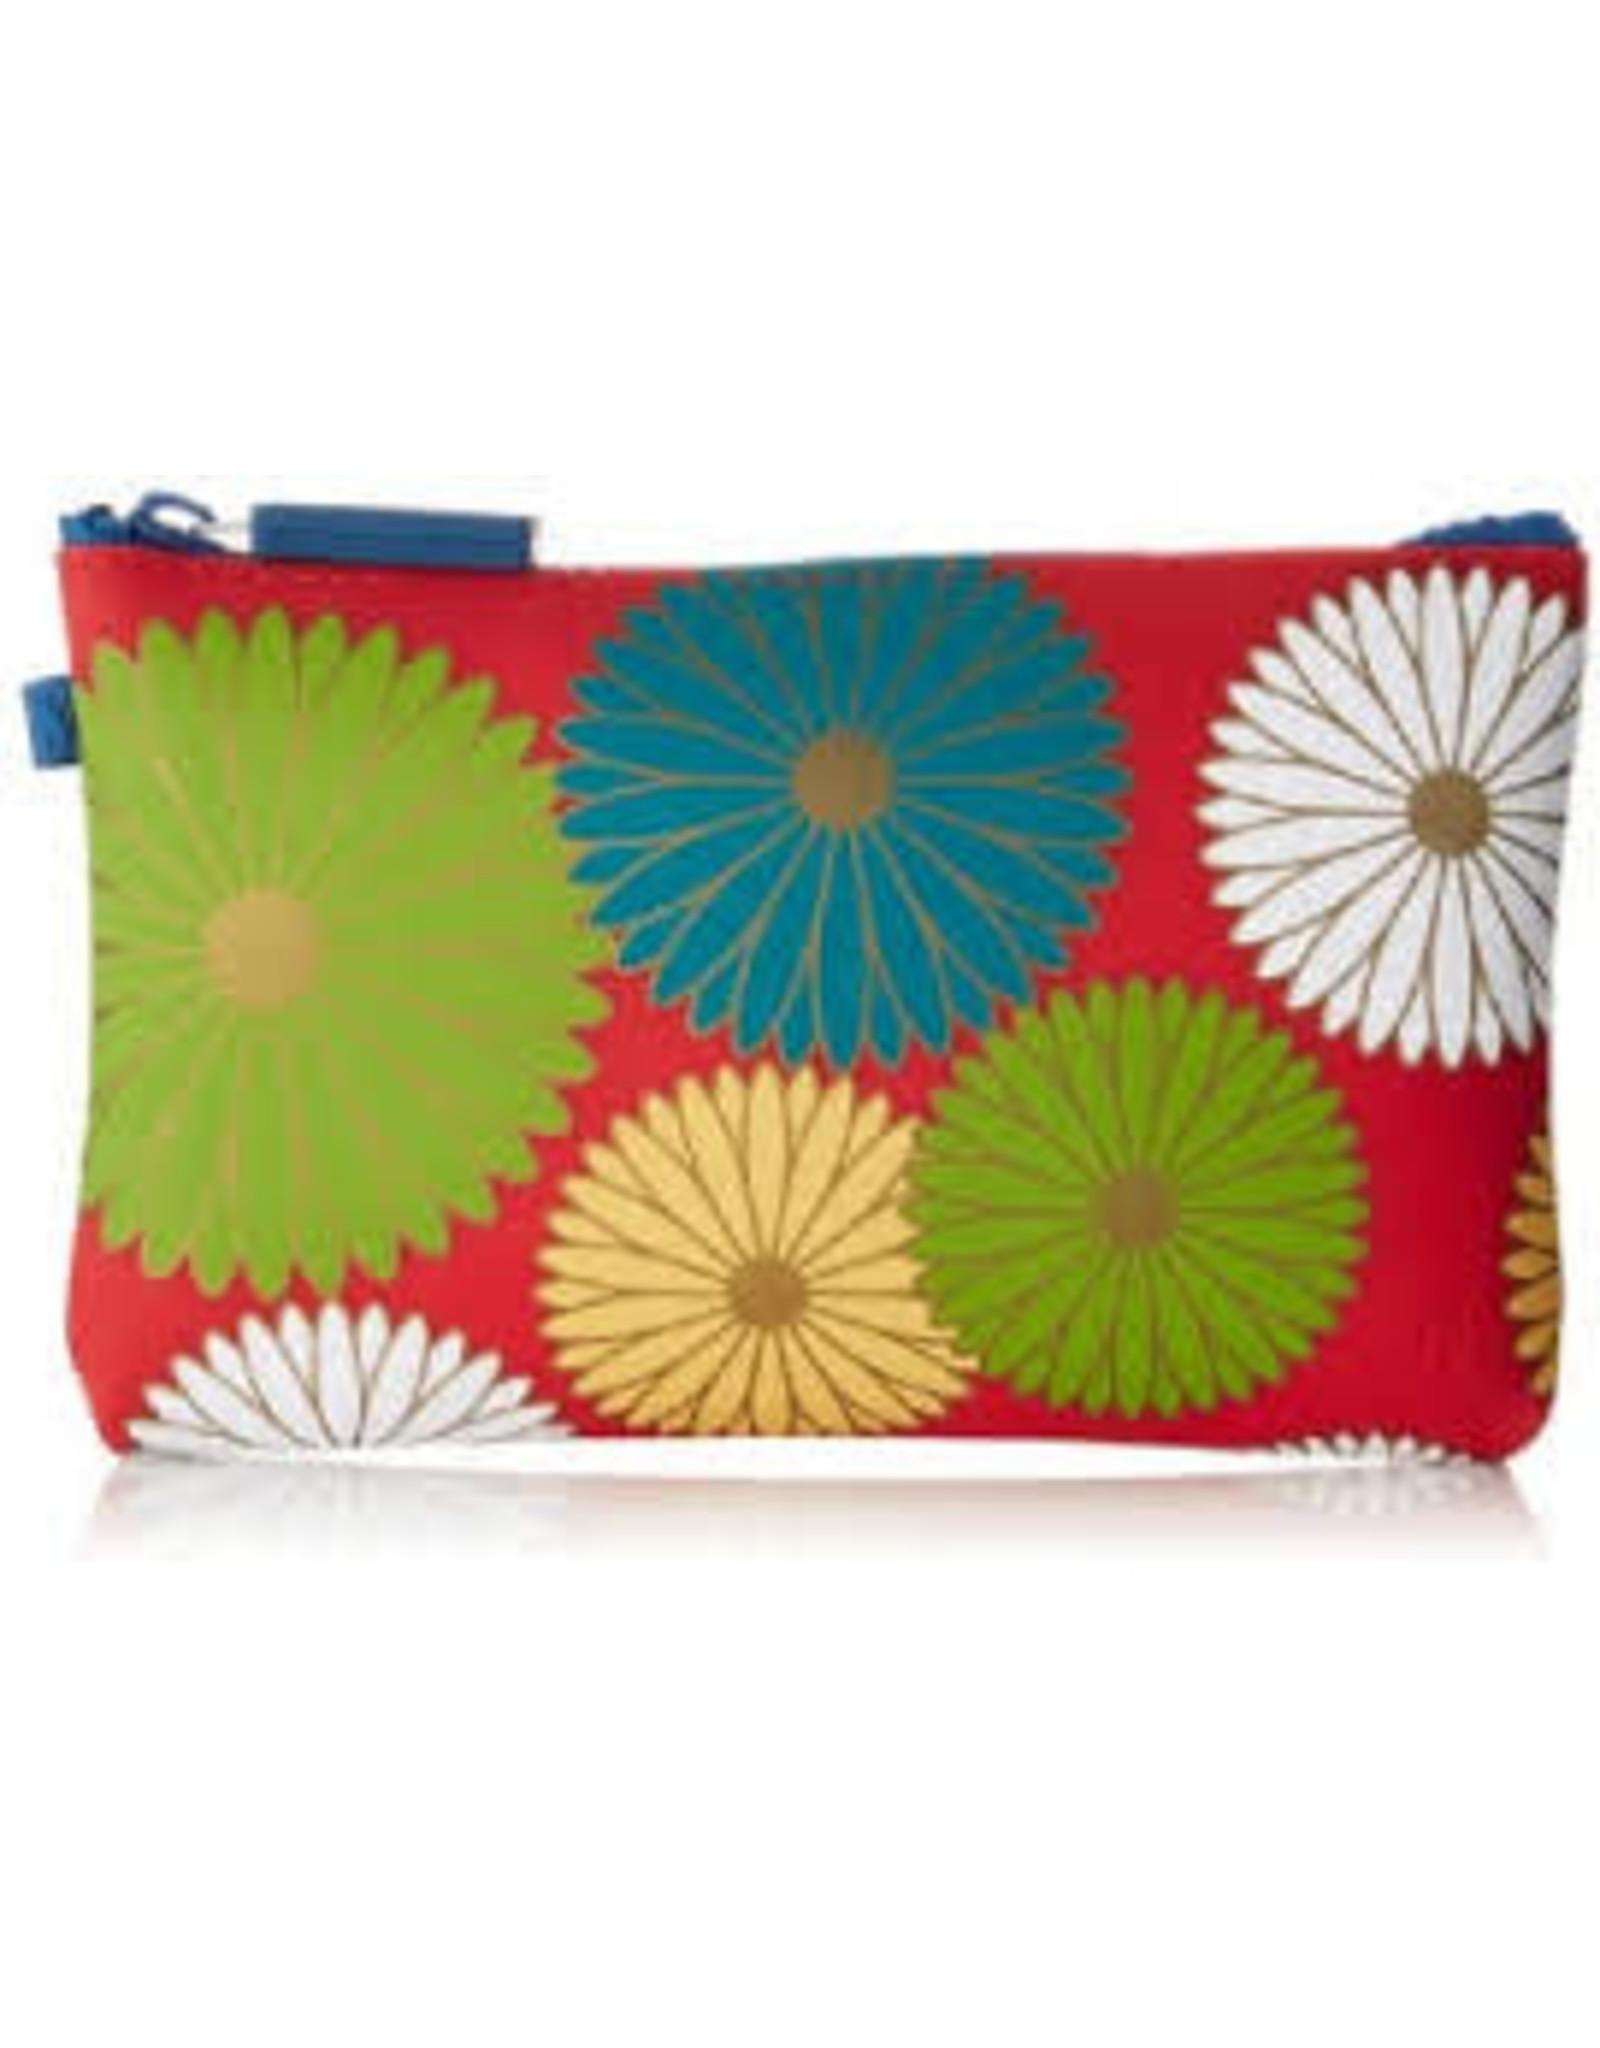 PG Design Inc. NUU JAPAN FLOWER RED